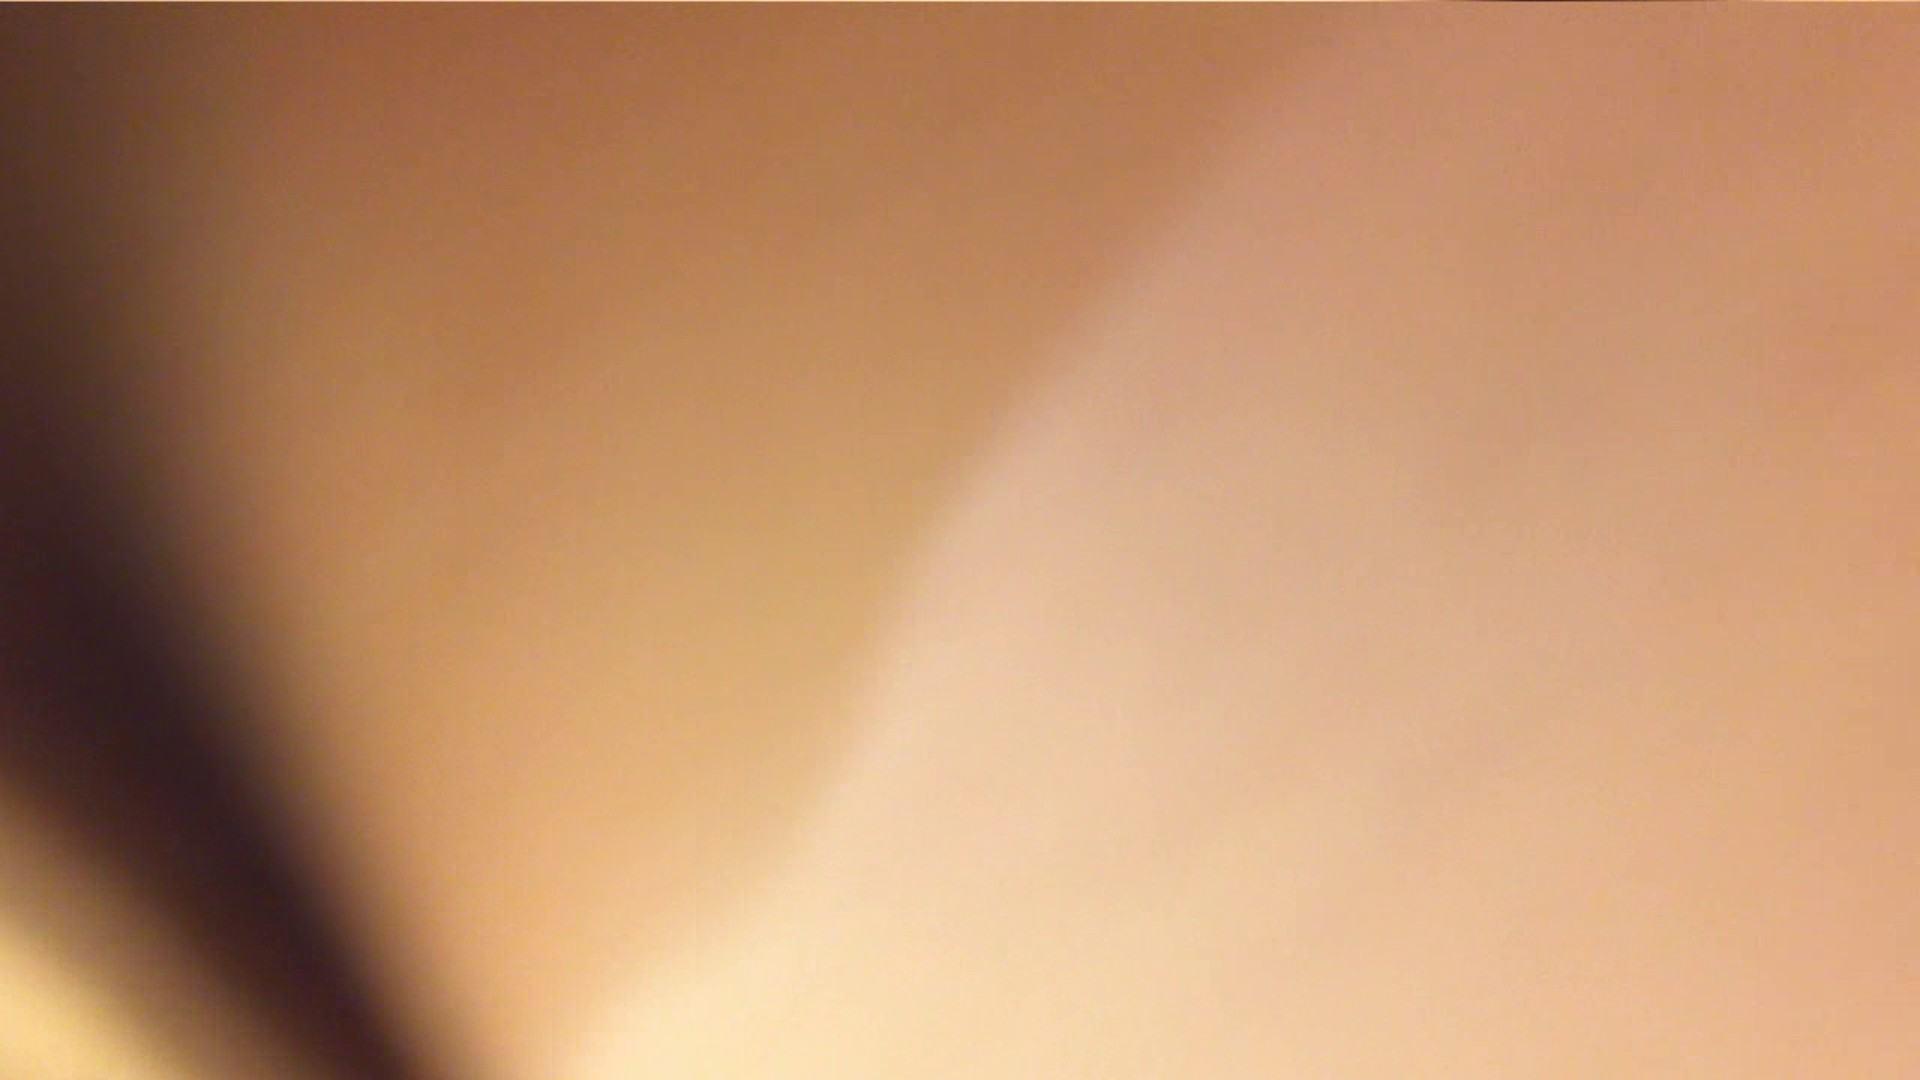 vol.33 美人アパレル胸チラ&パンチラ ギャル系ネーチャンの下着 OLの実態  42pic 8